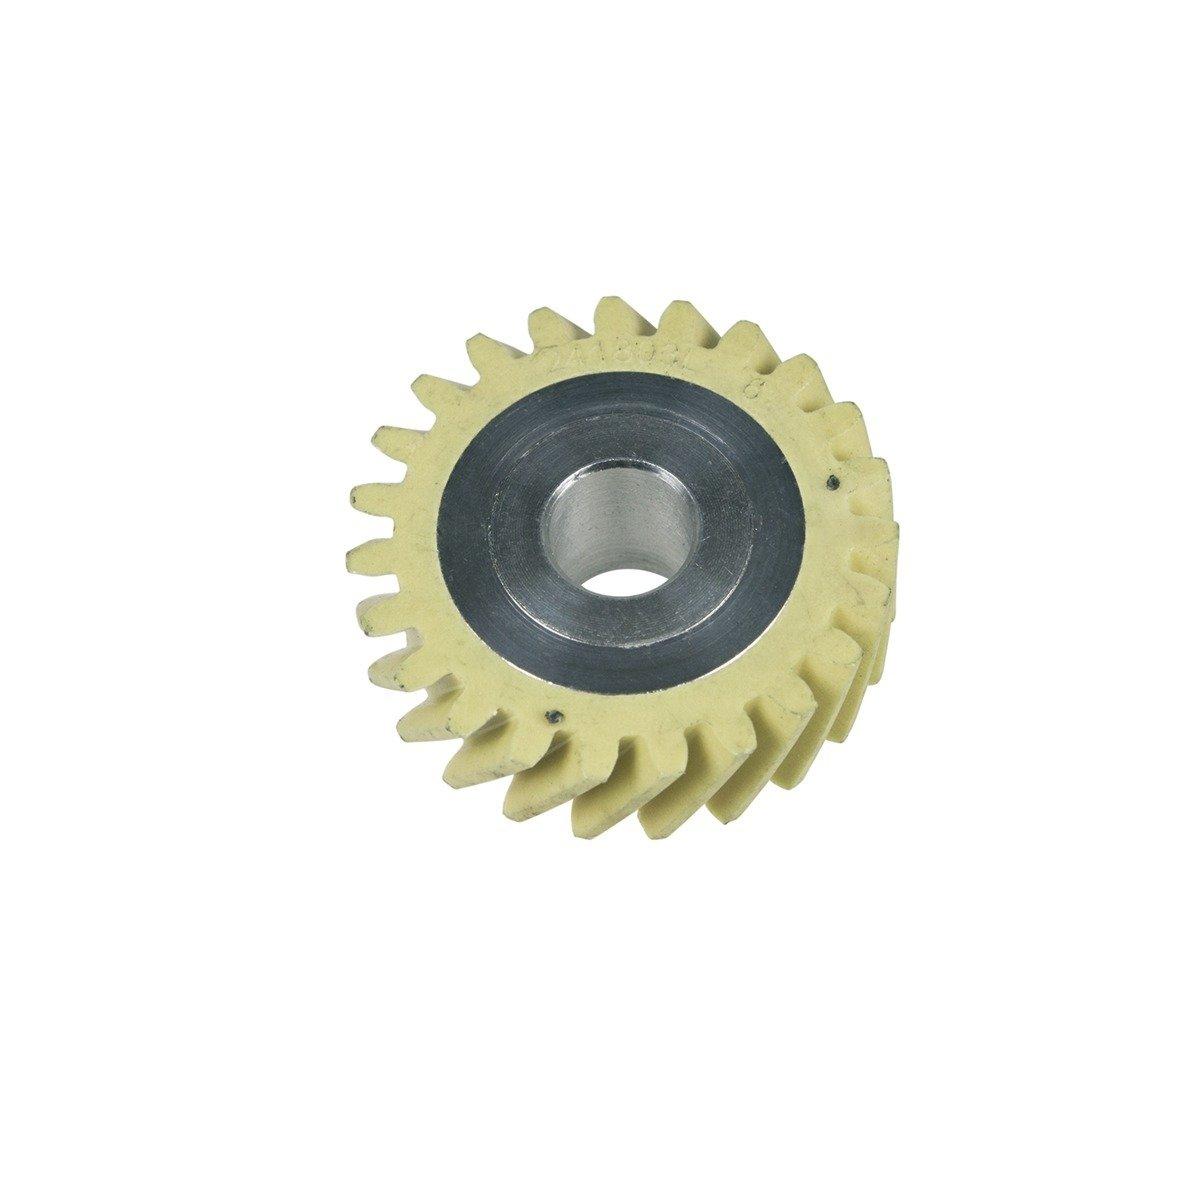 Zahnrad Küchenmaschine Standmixer Für Indesit C00373685 KitchenAid W10112253